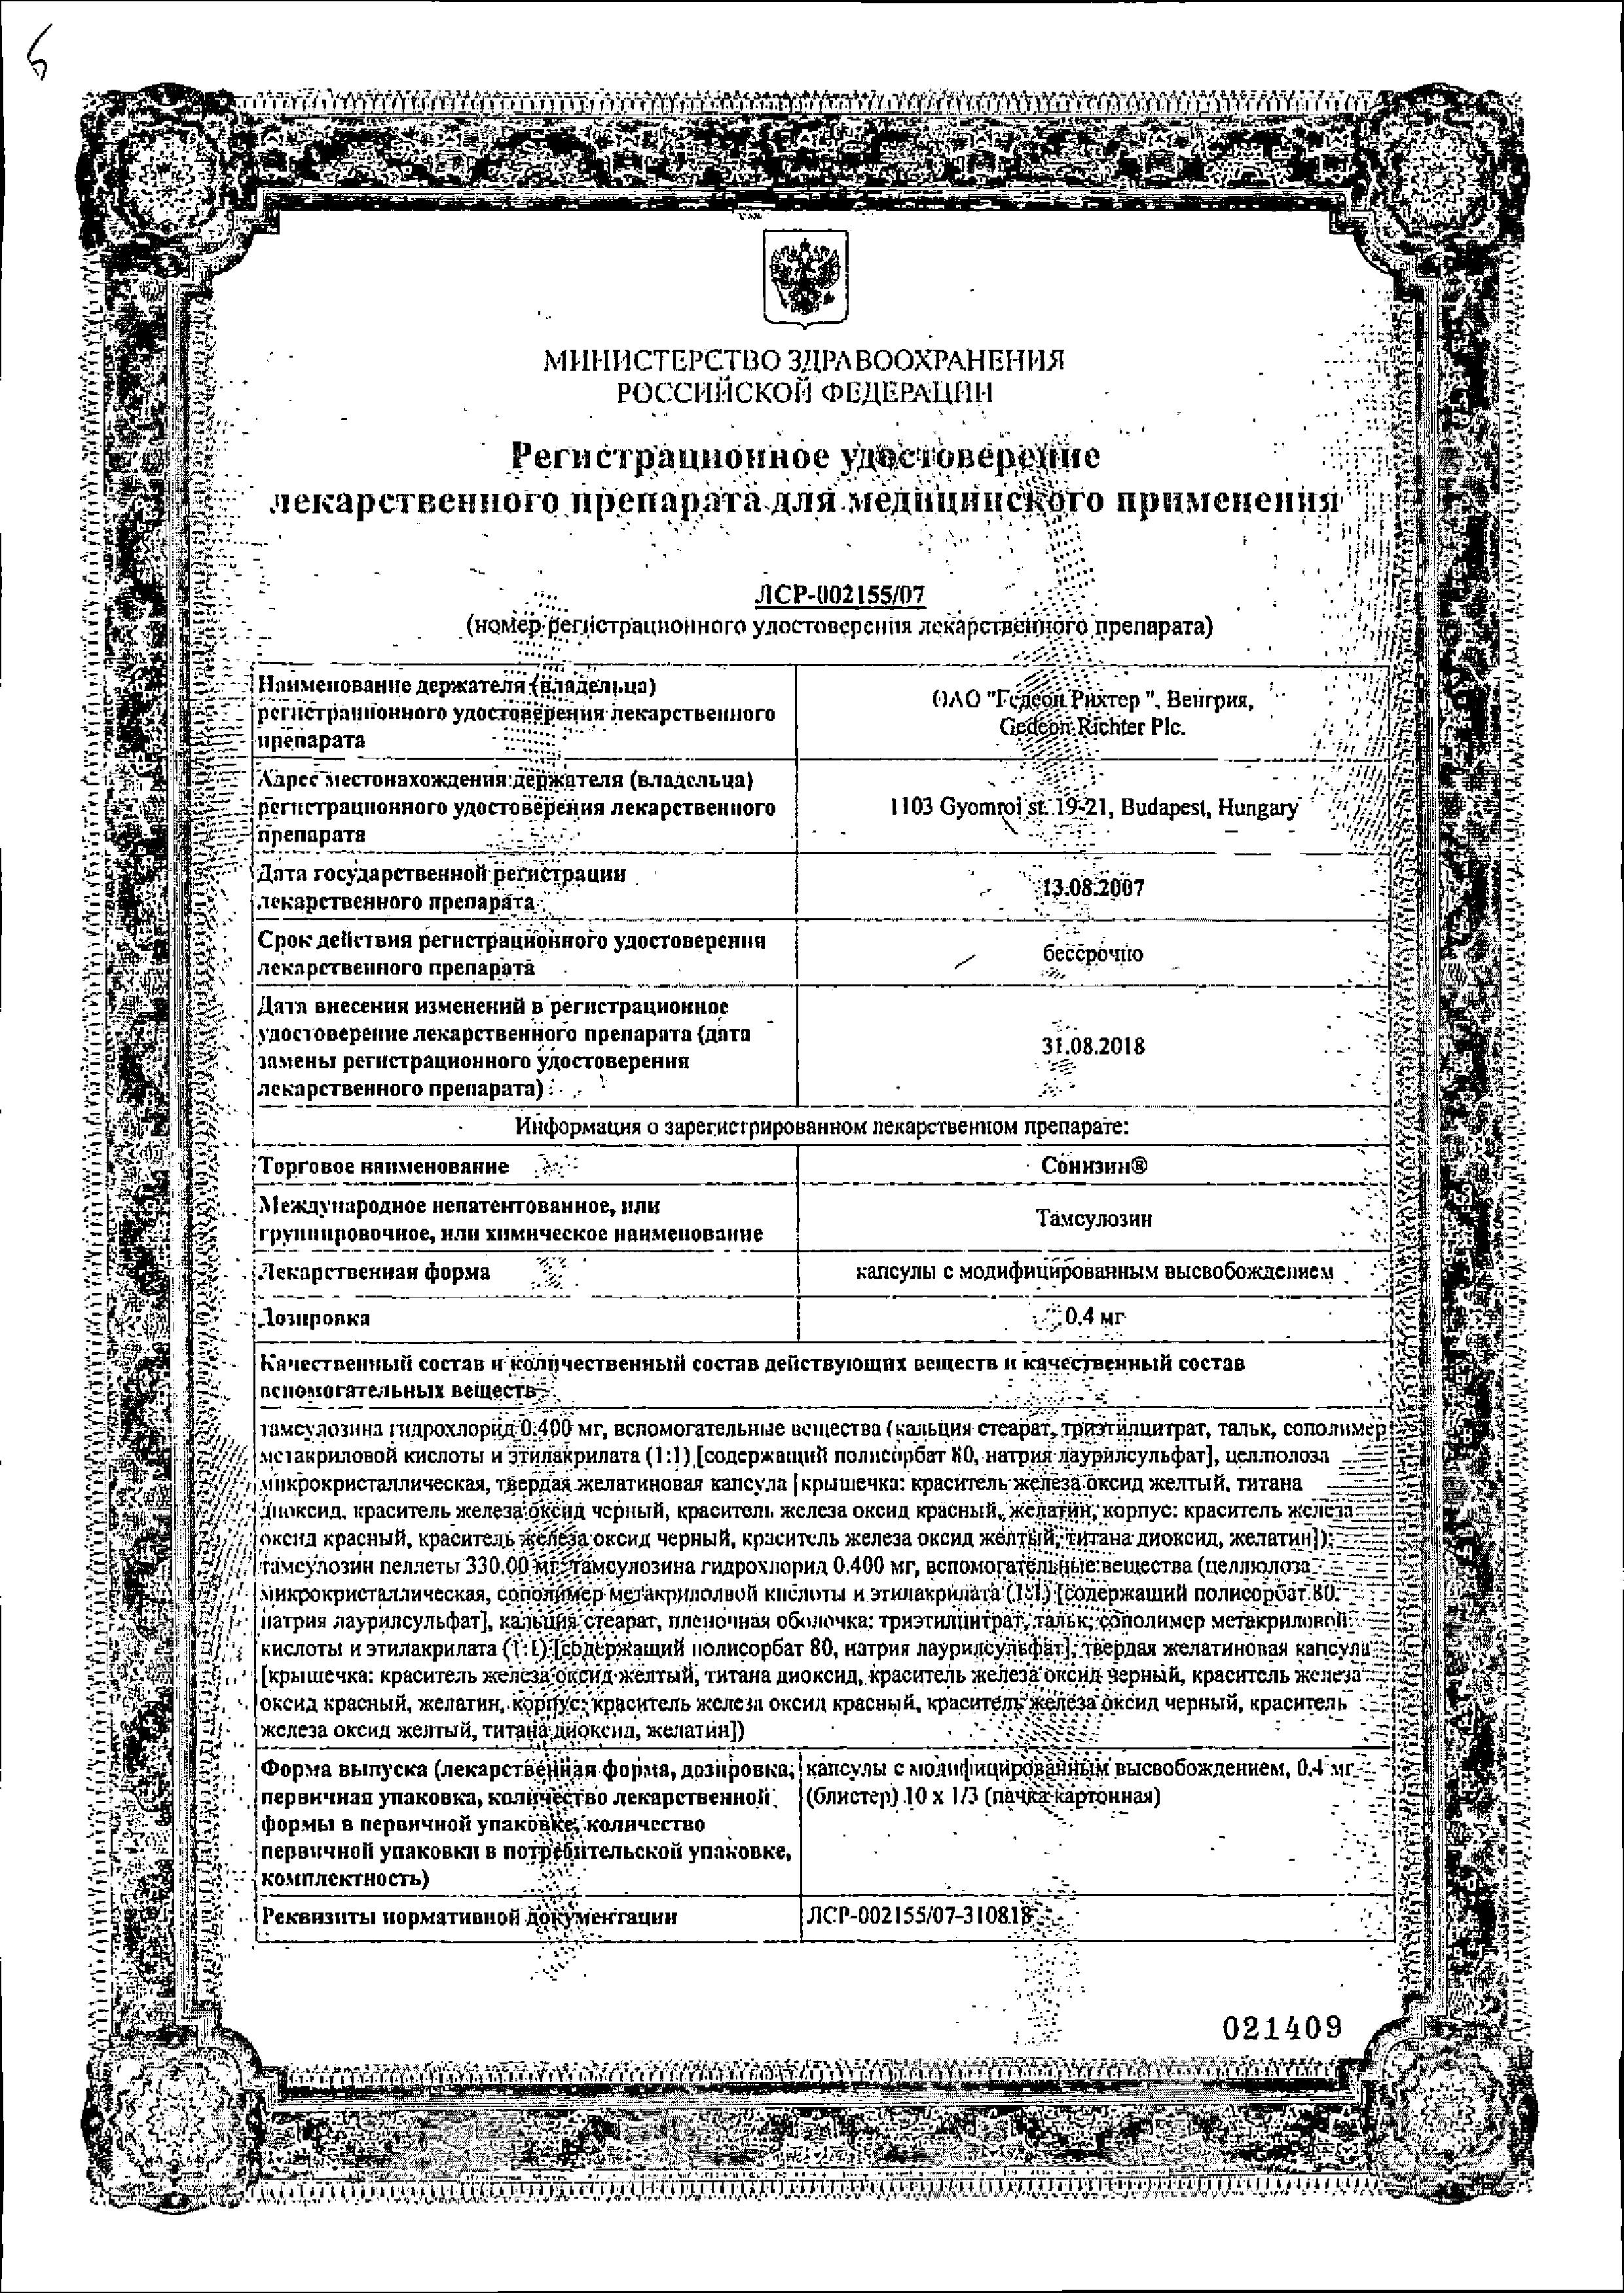 Сонизин сертификат